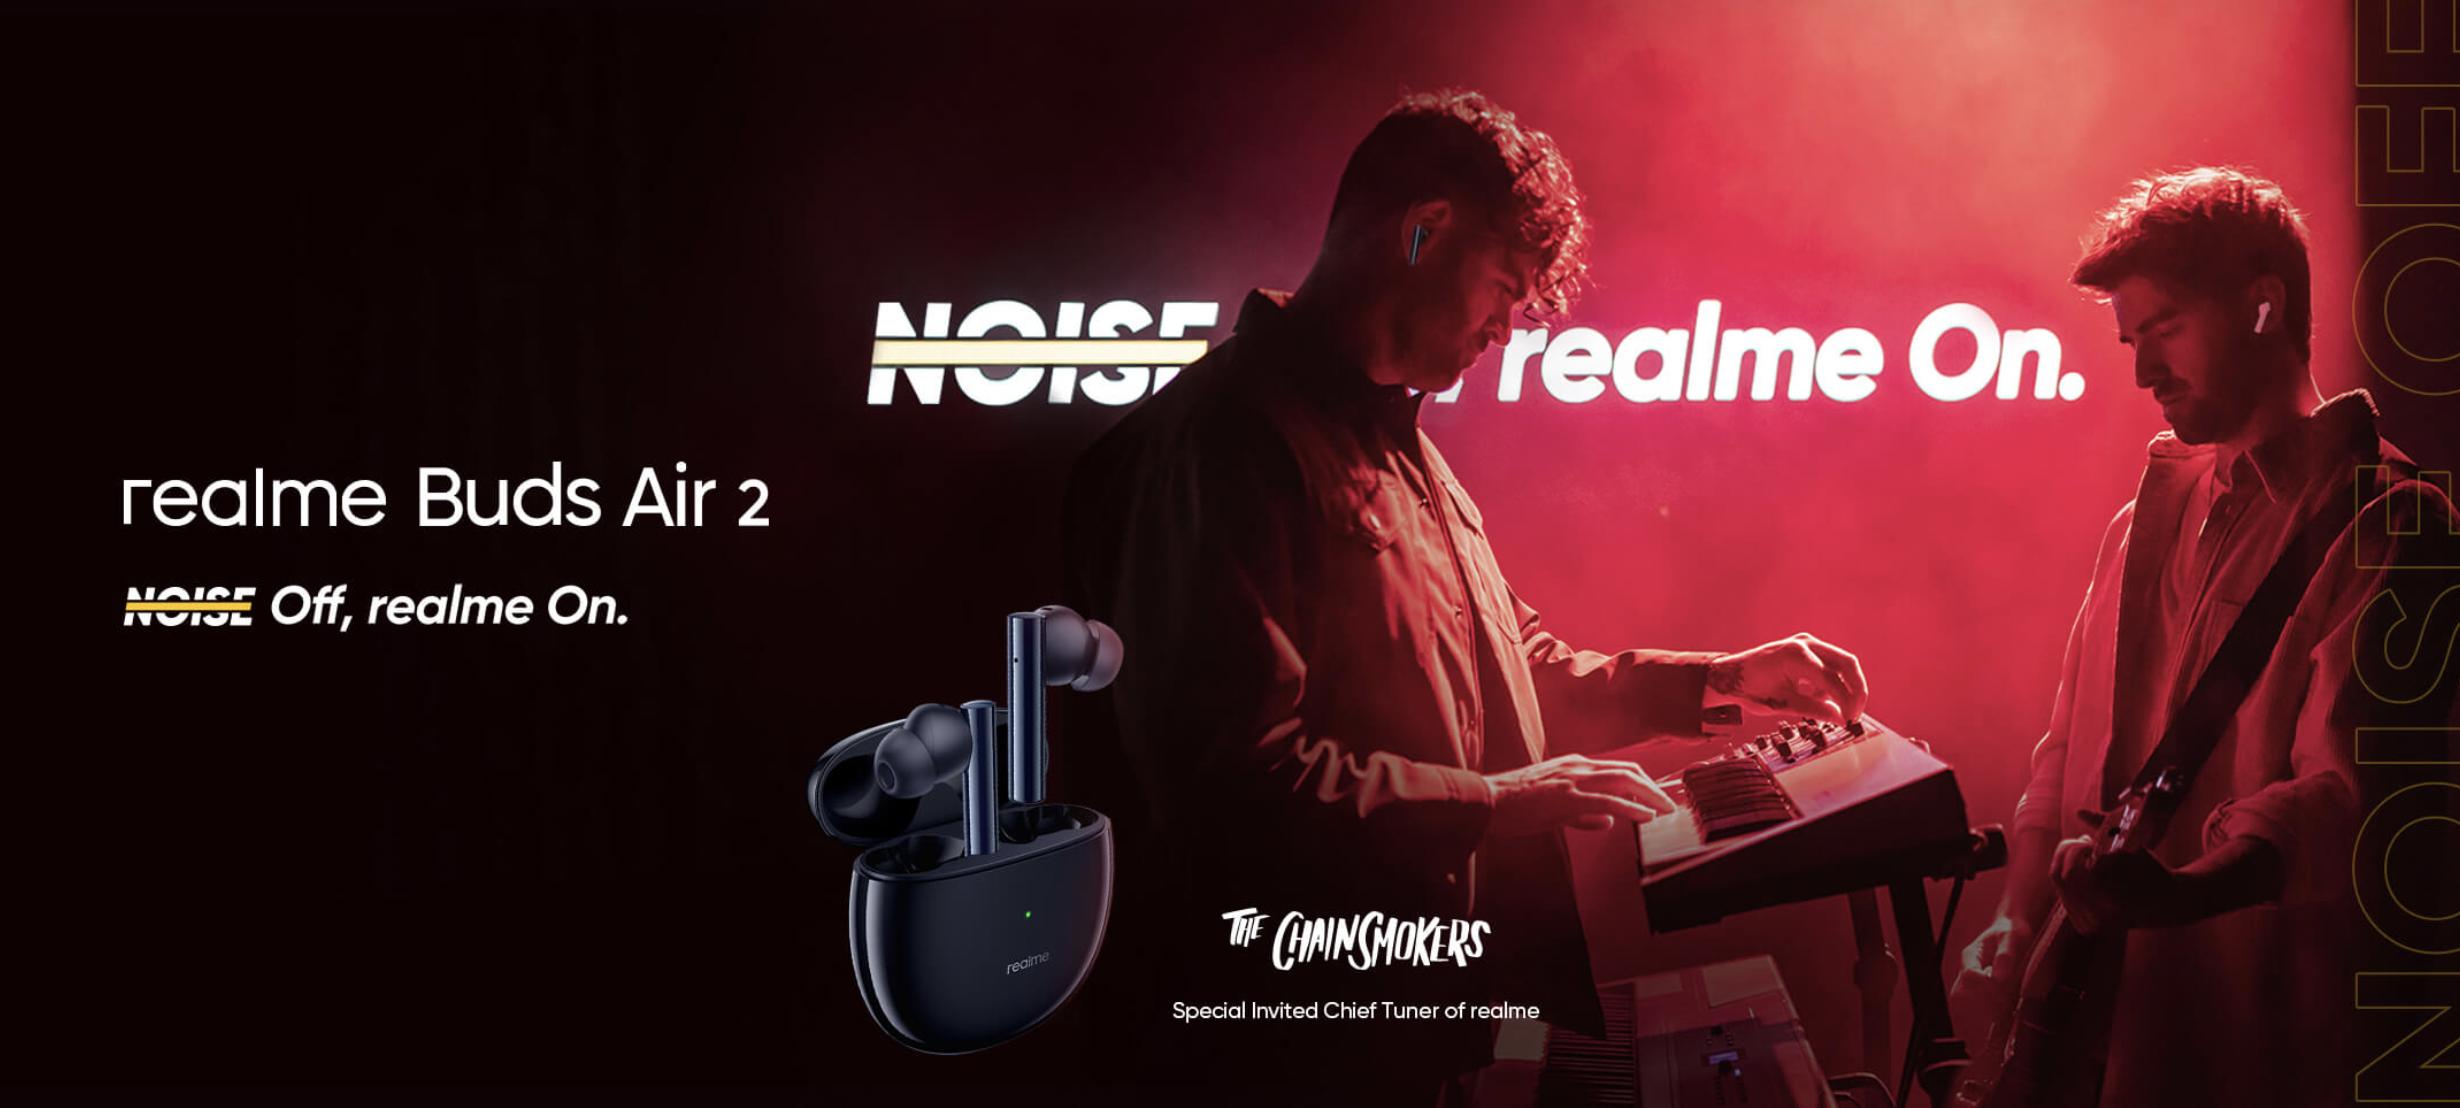 Realme раскрыла особенности TWS-наушников Buds Air 2 до анонса: ANC, режим низкой задержки звука и автономность до 25 часов